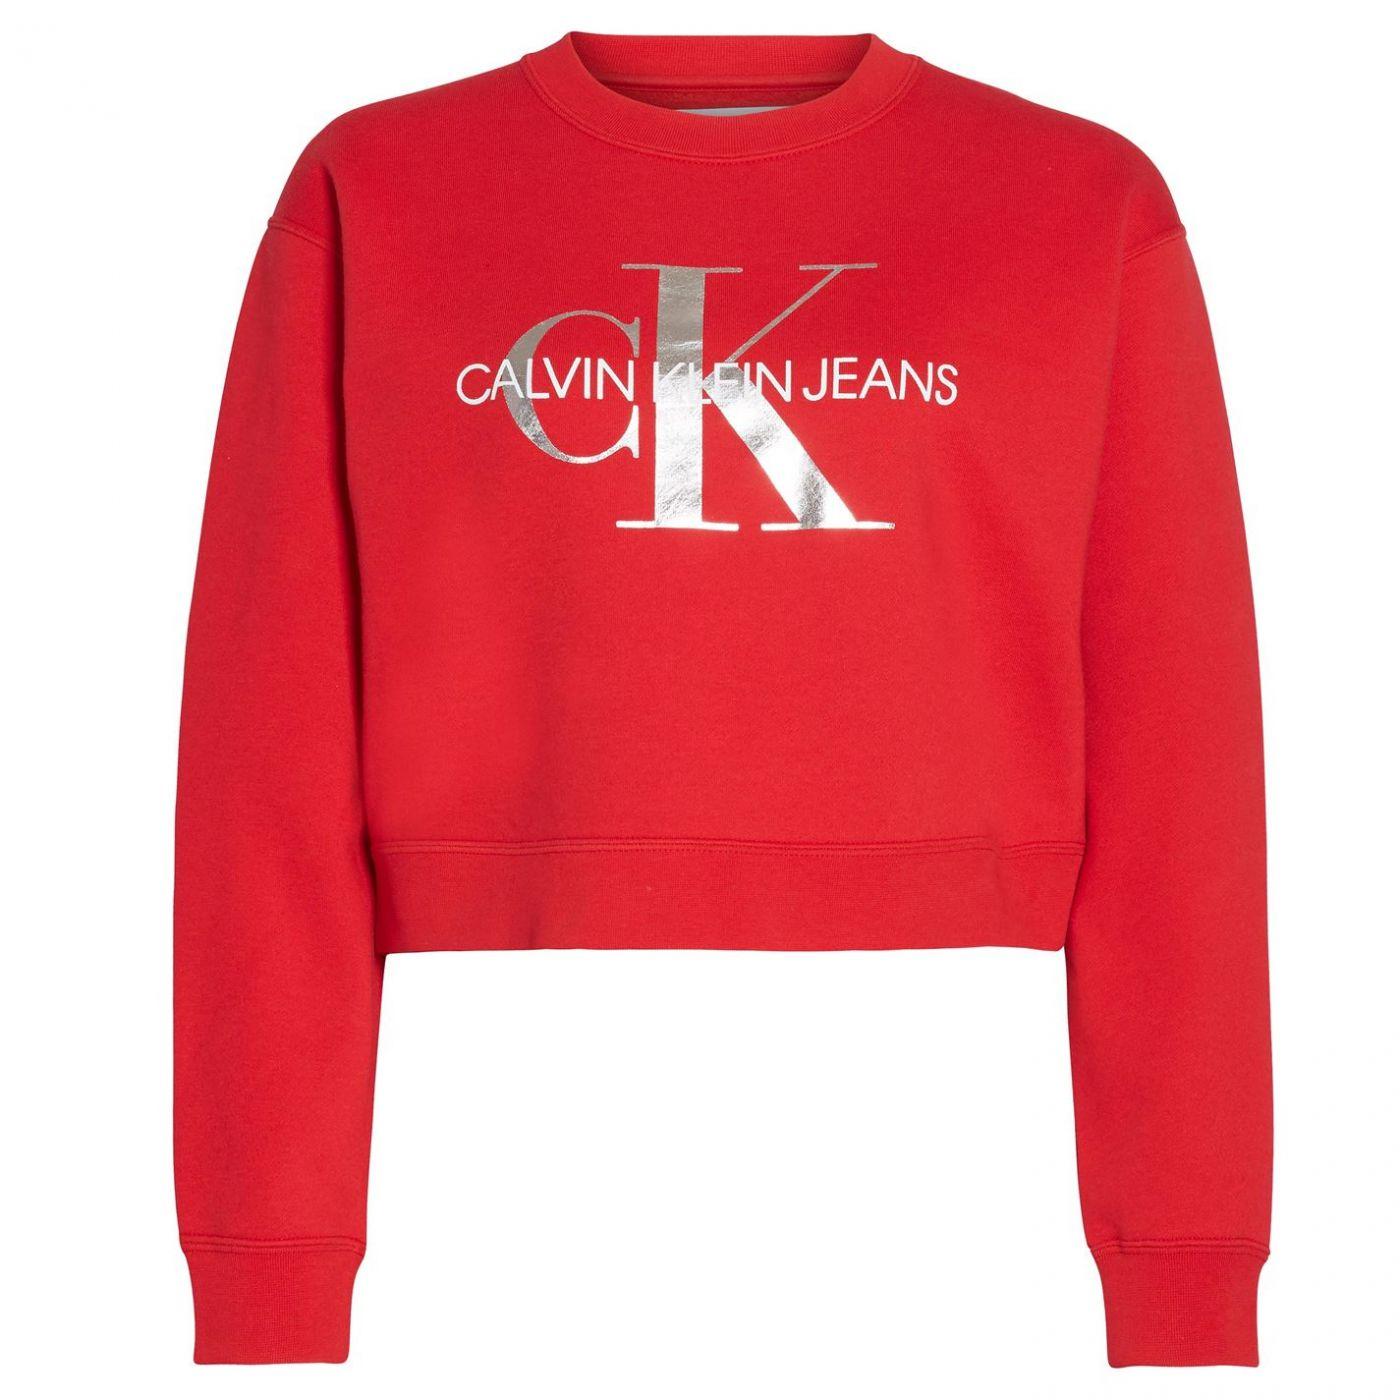 Calvin Klein Jeans Mono Crop Sweatshirt